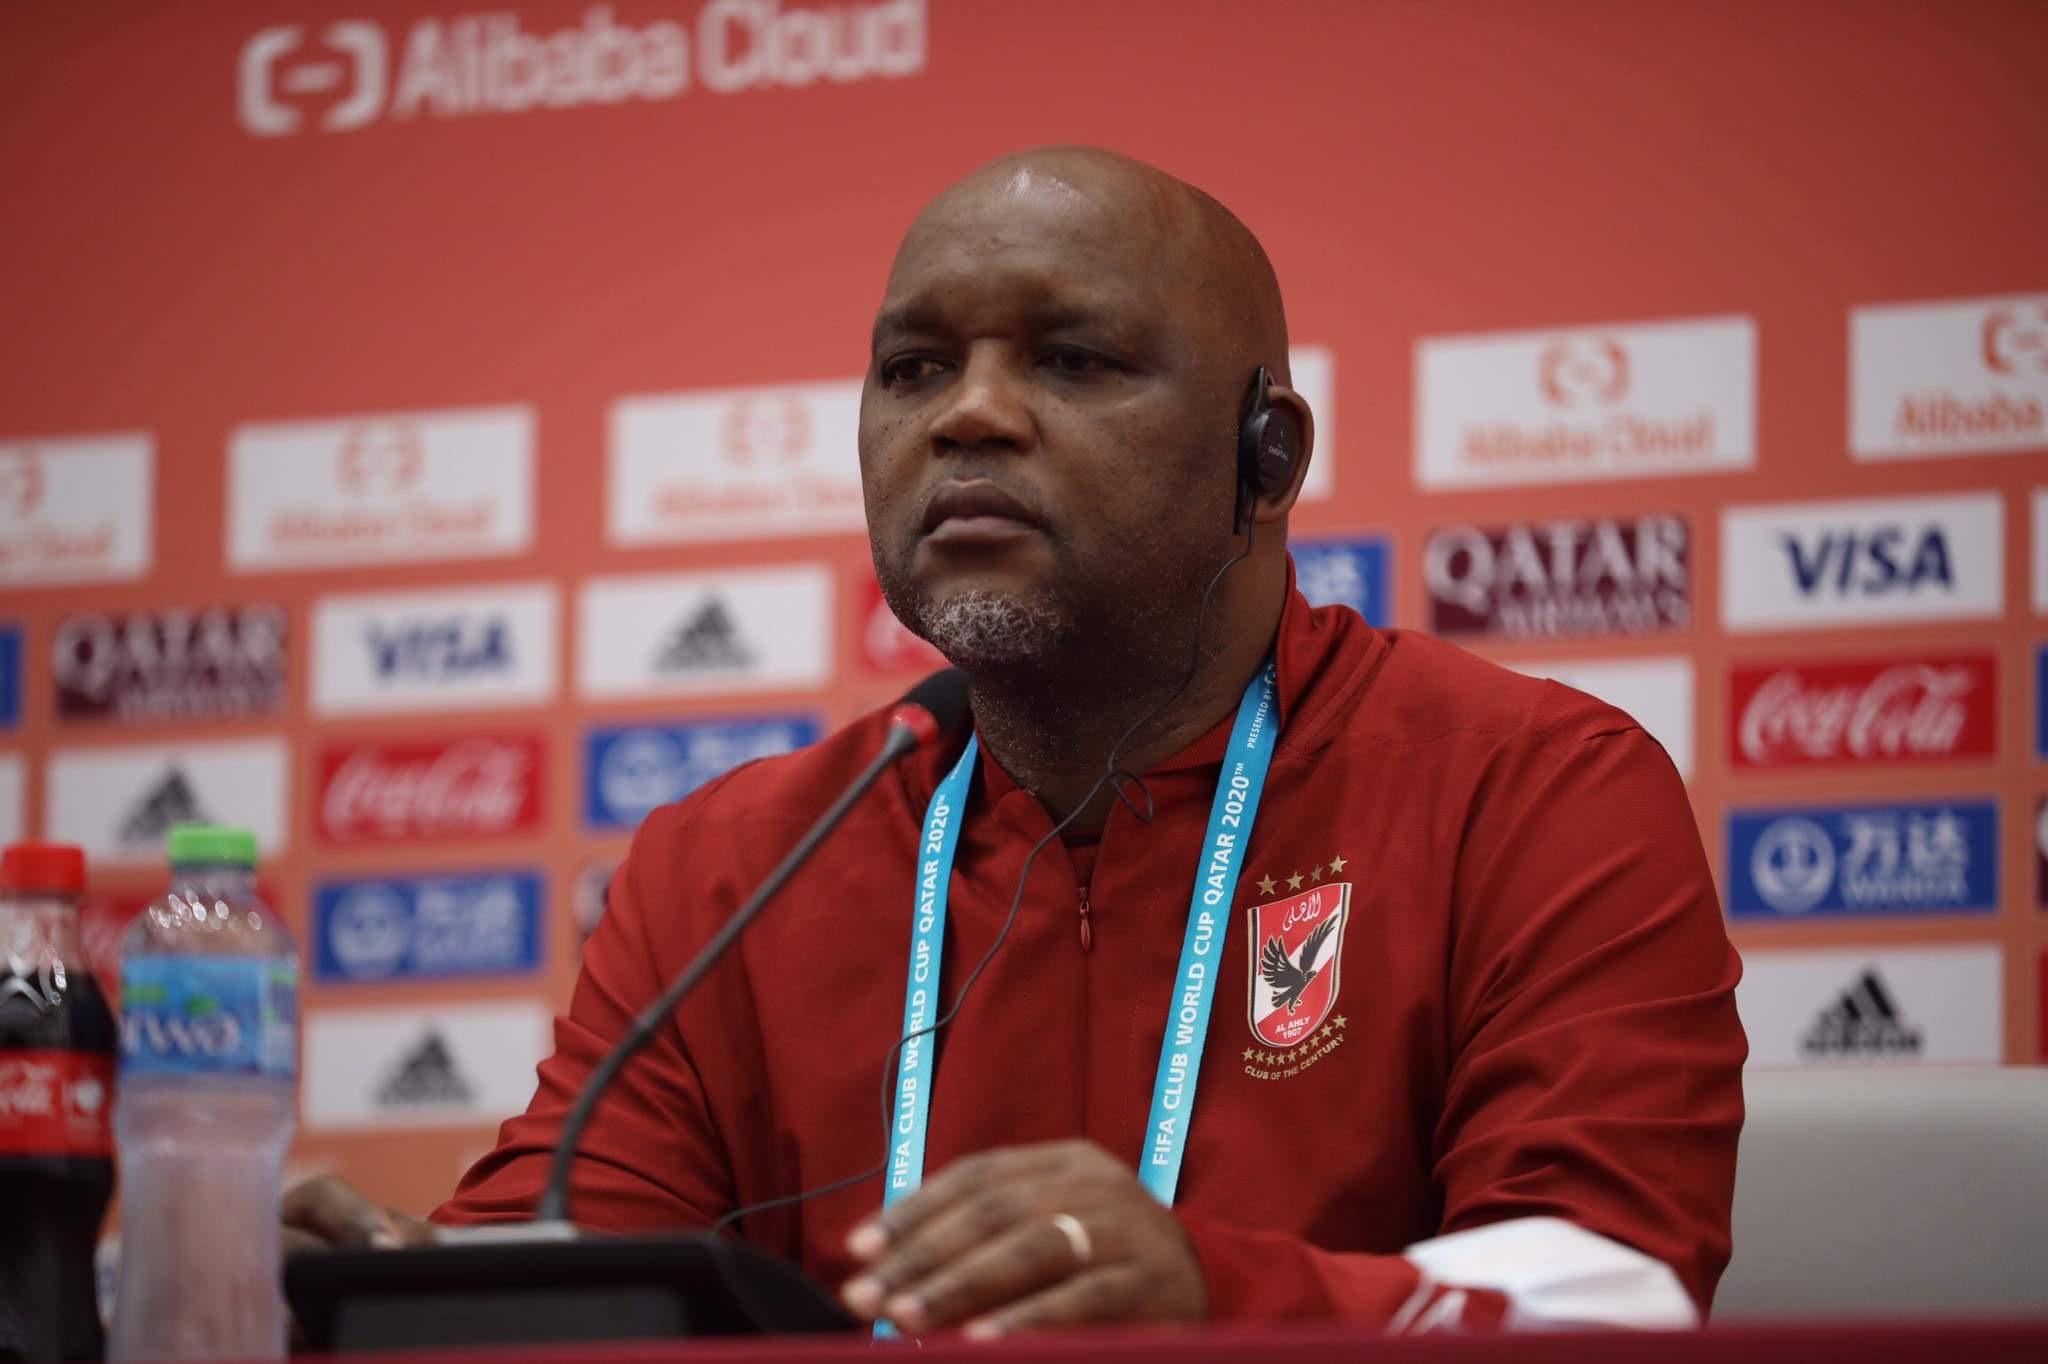 موسيماني: قادرون على تخطي بالميراس وحصد الميدالية البرونزية في بطولة كأس العالم للأندية